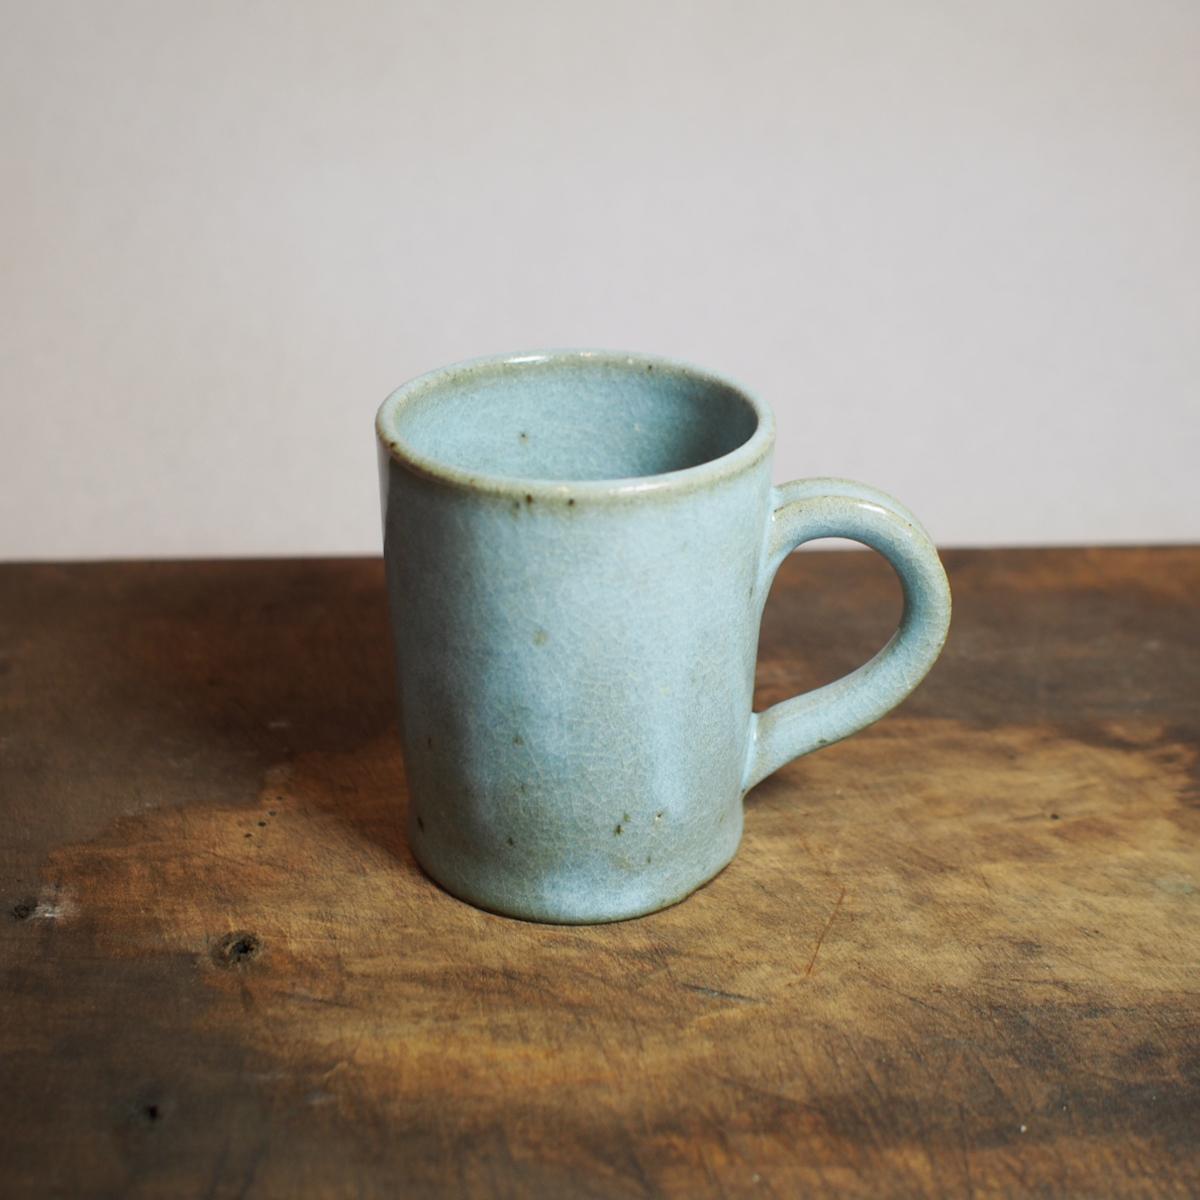 淡い水色のマグカップ。200ml